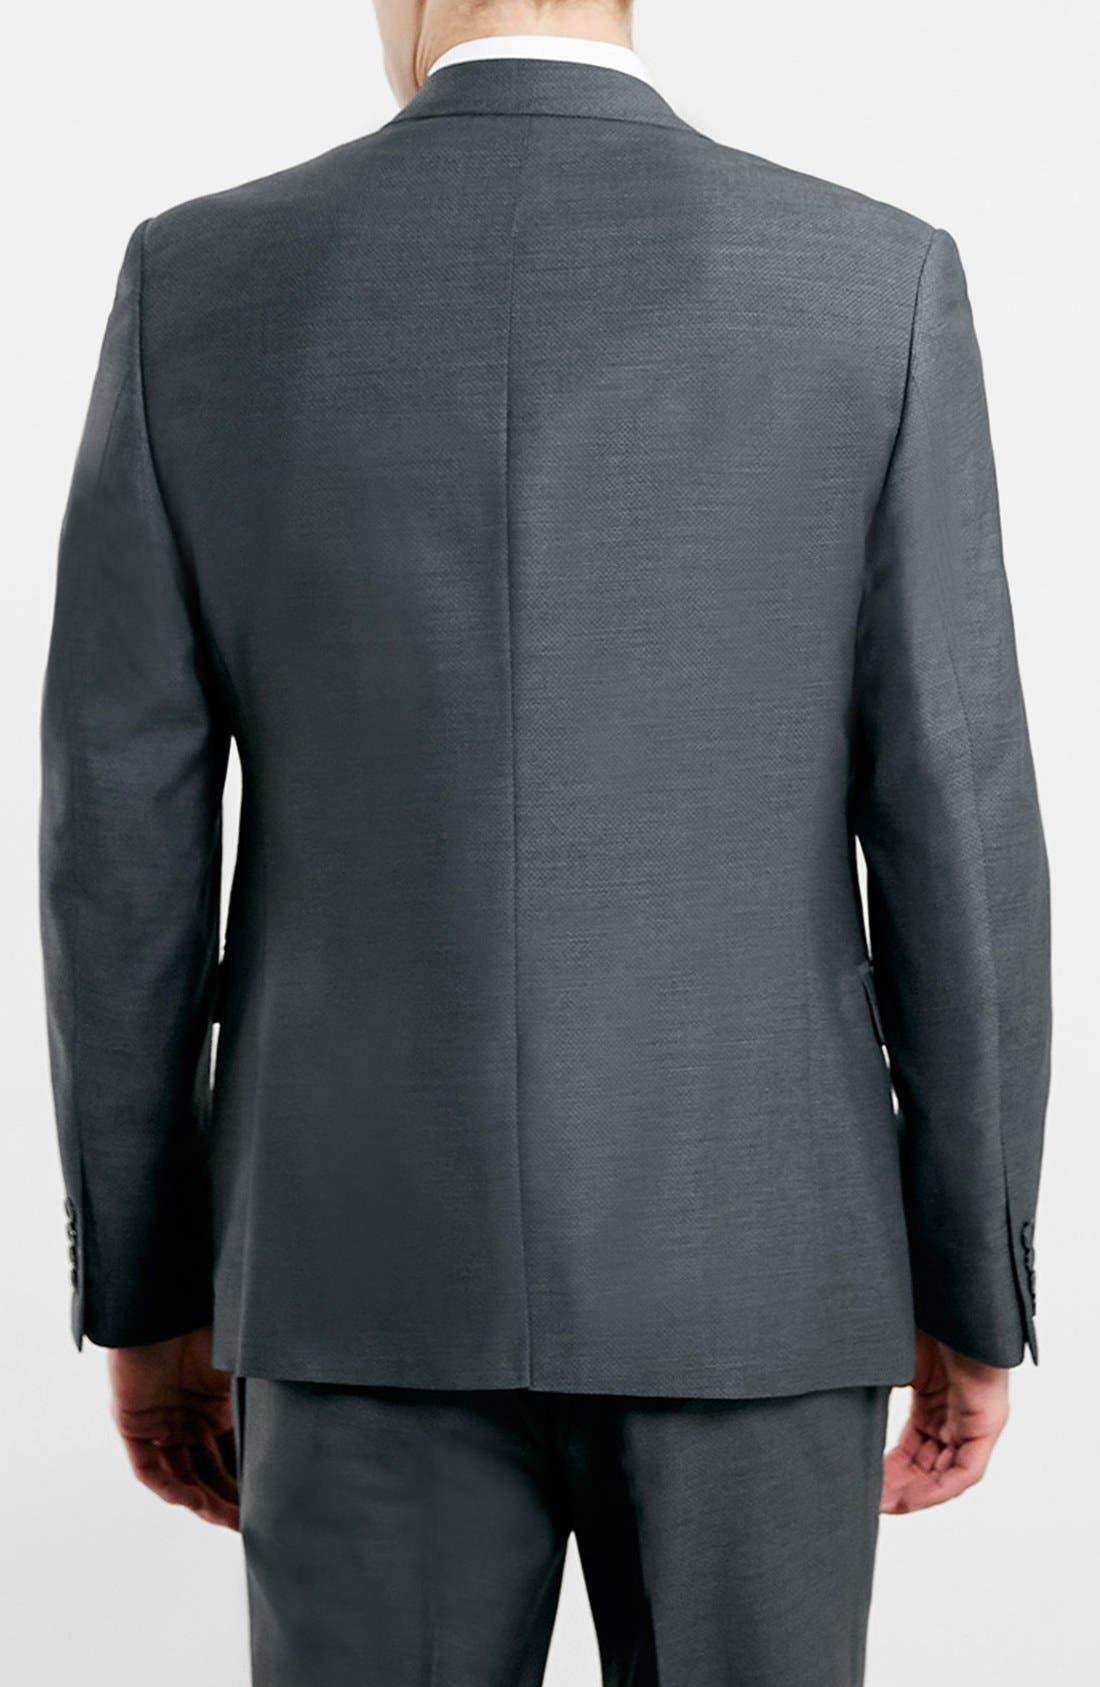 TOPMAN, Slim Fit Grey Diamond Texture Suit Jacket, Alternate thumbnail 2, color, 020